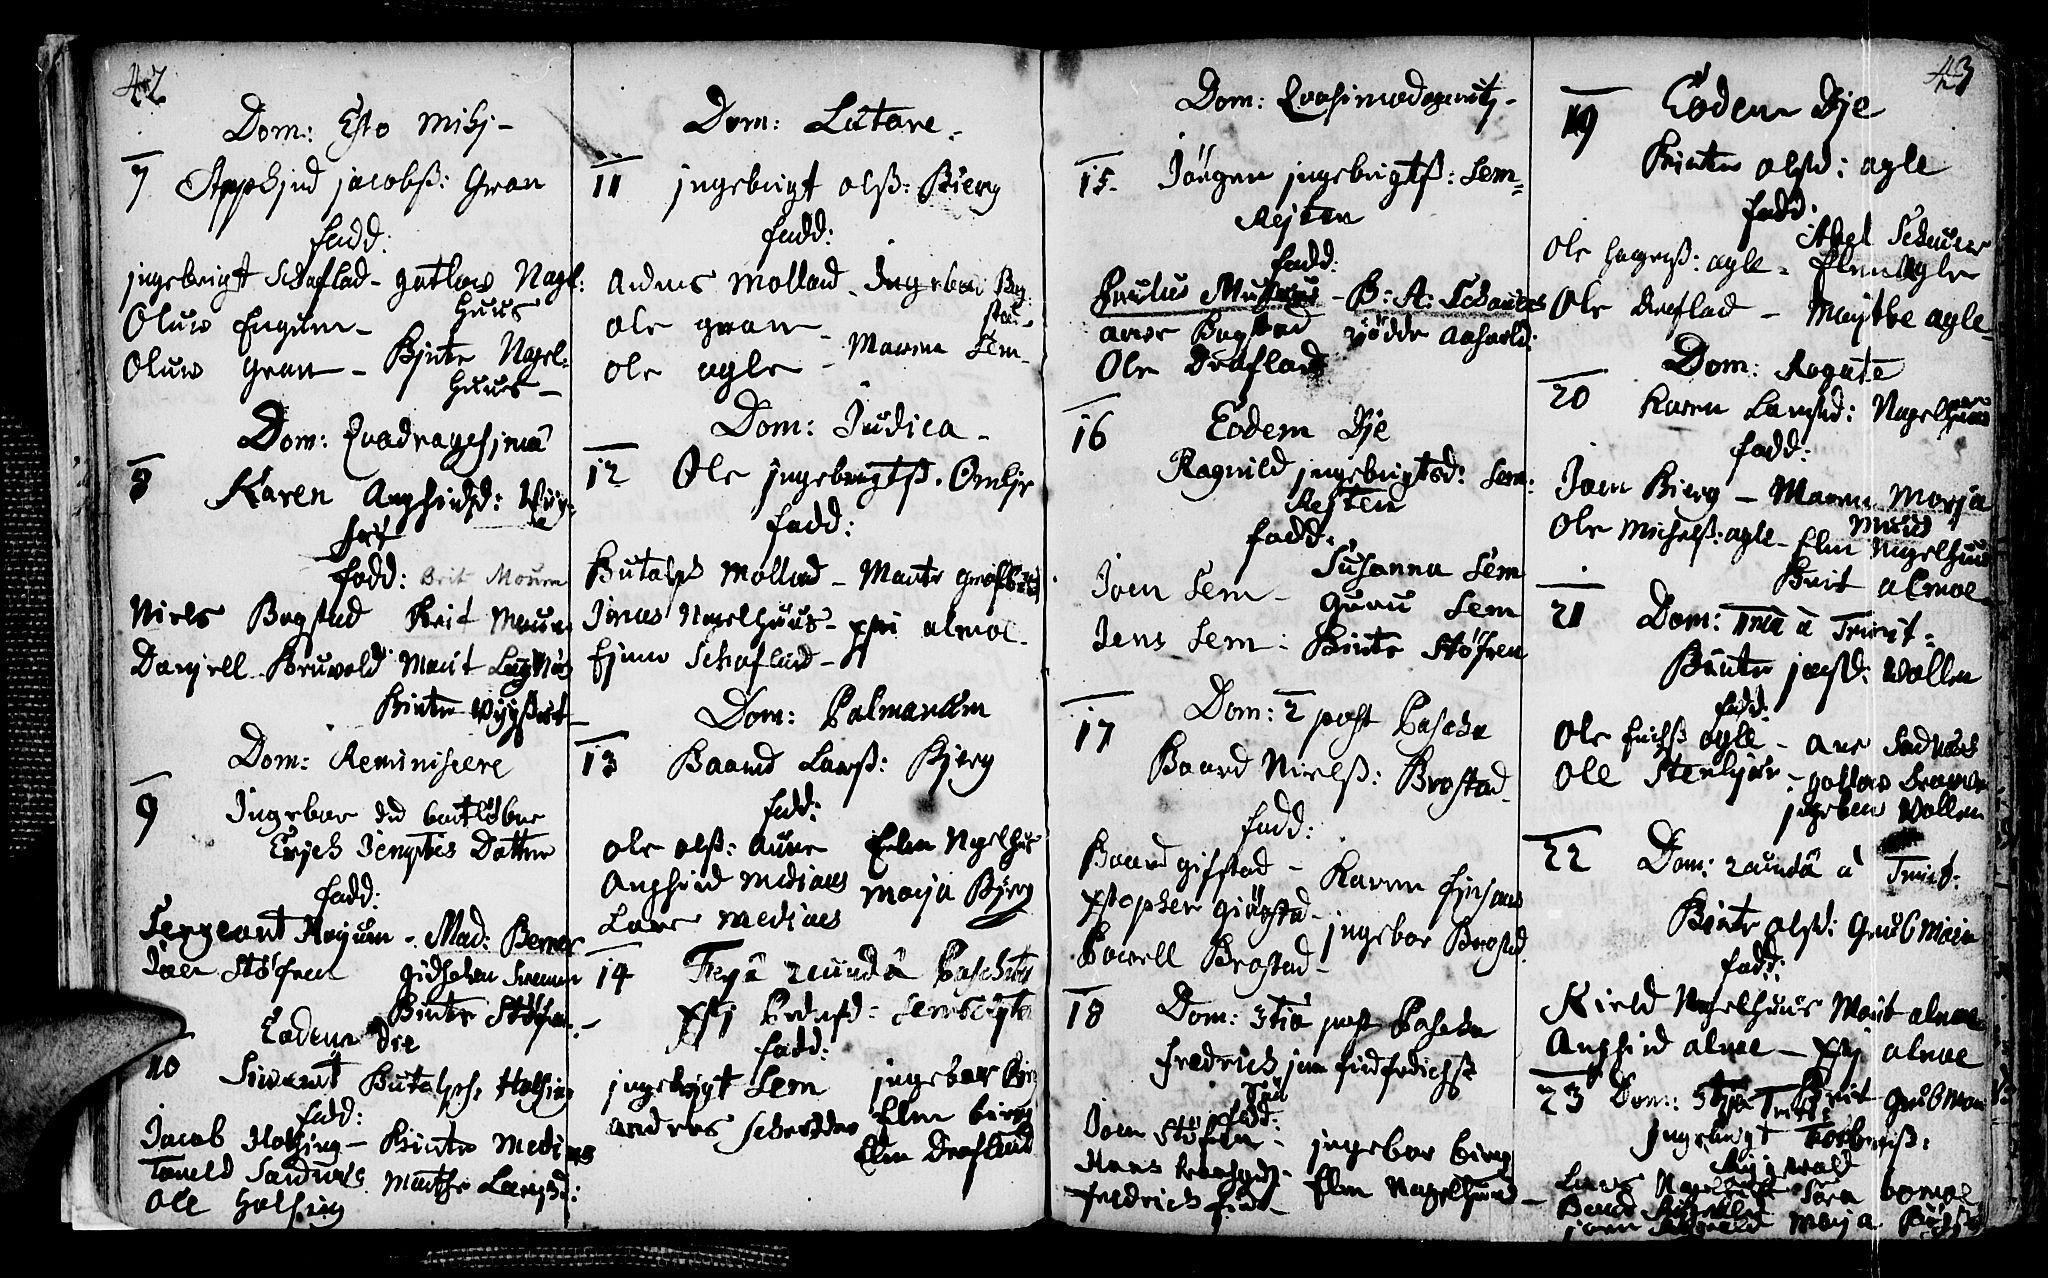 SAT, Ministerialprotokoller, klokkerbøker og fødselsregistre - Nord-Trøndelag, 749/L0467: Ministerialbok nr. 749A01, 1733-1787, s. 42-43